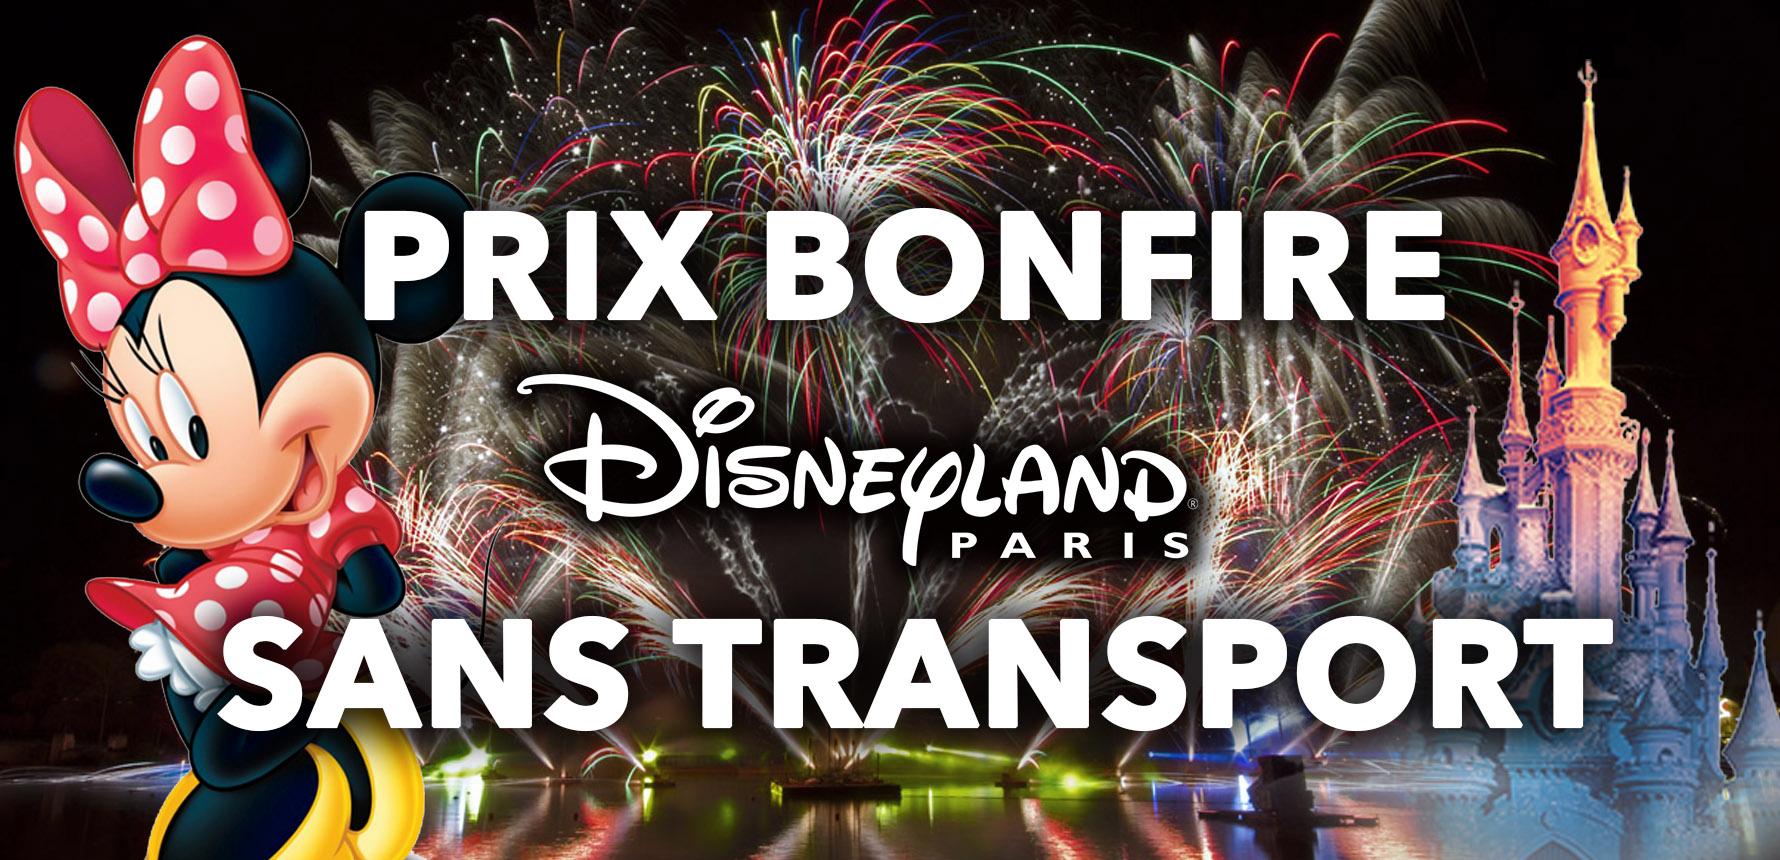 Les prix les + bas pour Disneyland Paris en 2019 - SANS Transport